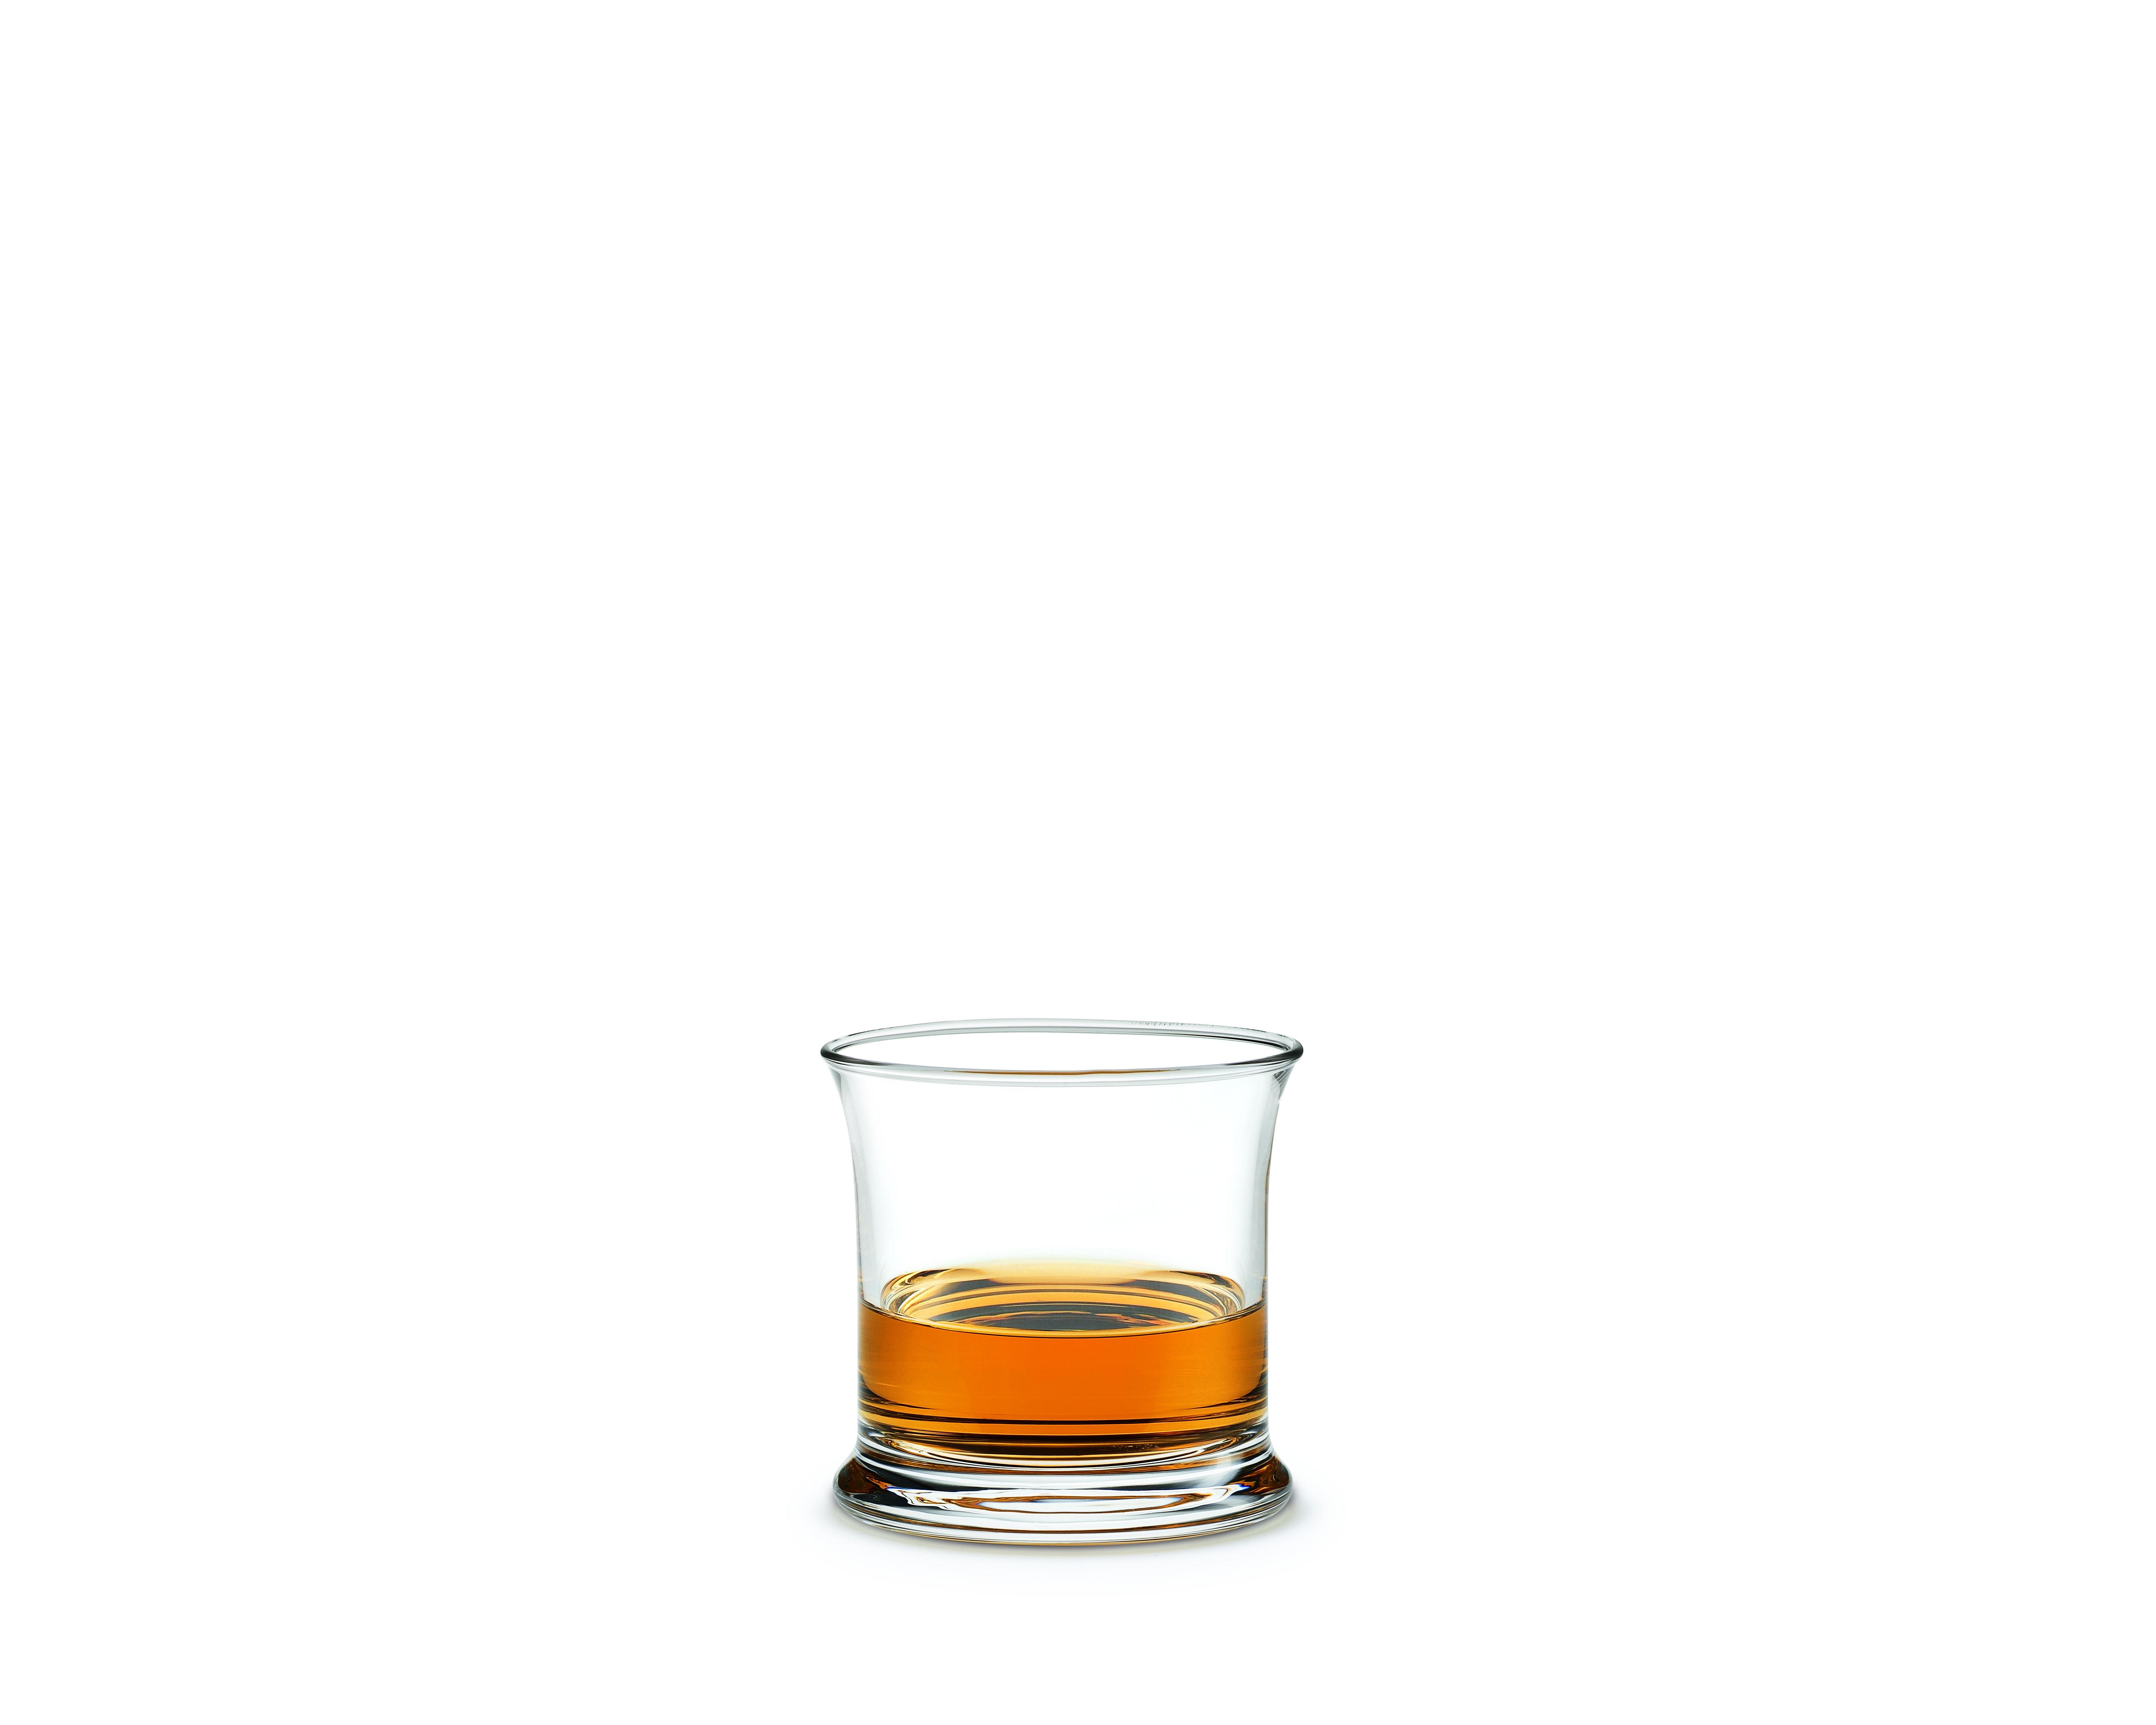 Holmegaard No. 5 sjusglas, 240 ml